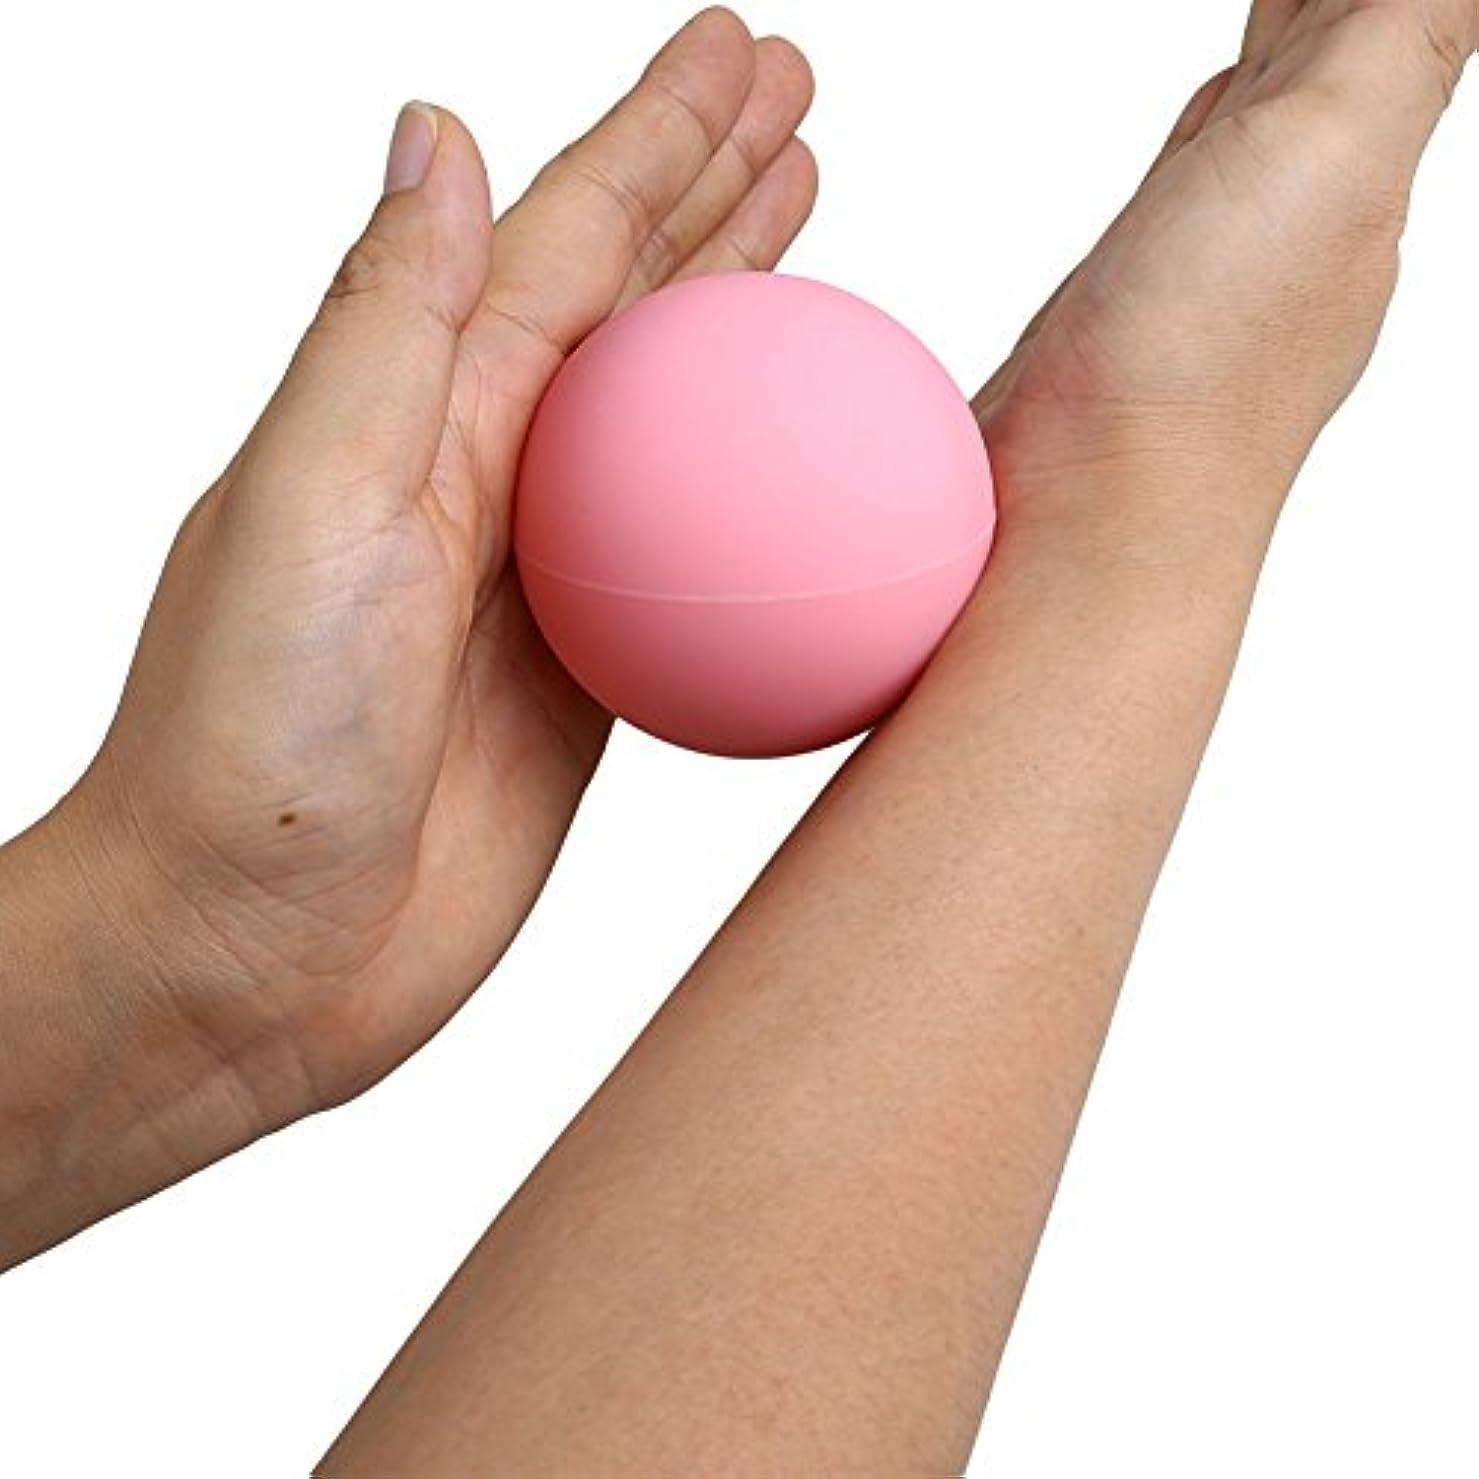 懐疑的混乱させる同じAuntwhale ラクロスマッサージボール 毎日のためにジムヨガ 筋筋膜トリガーポイント リリース